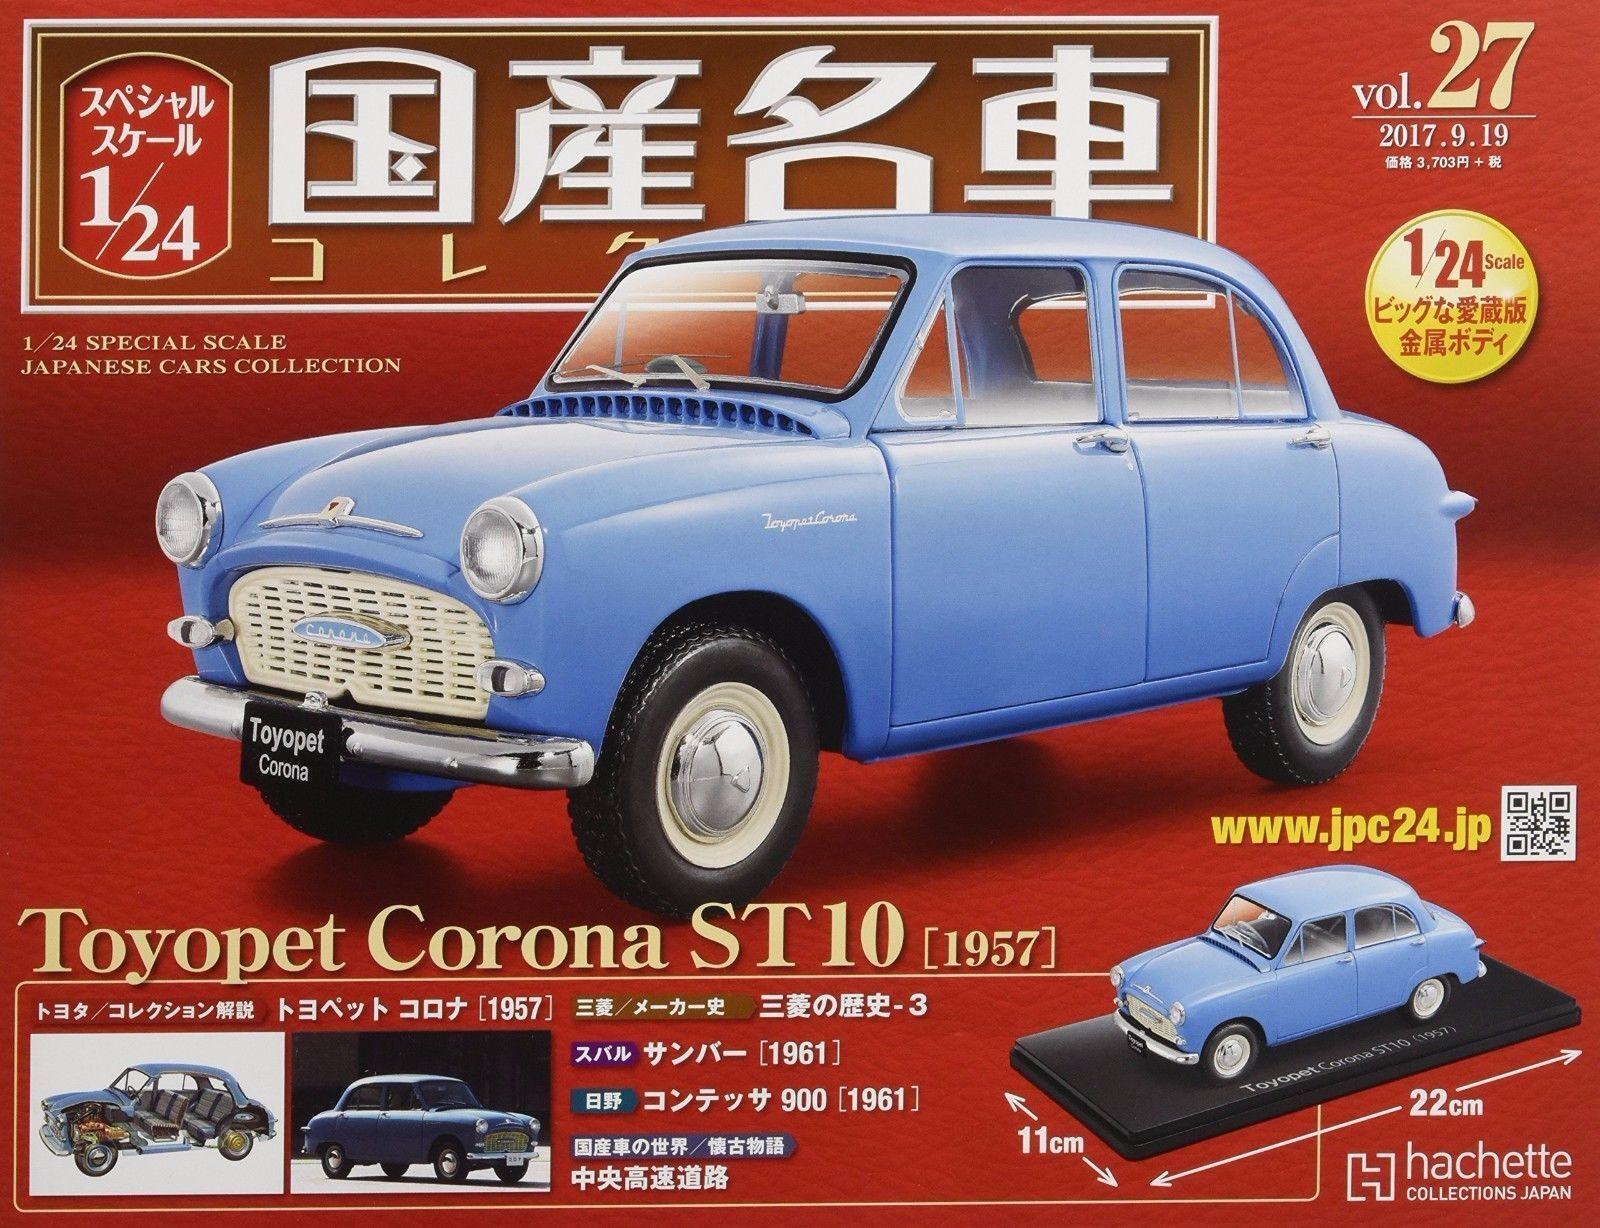 Japonais célèbre voiture collection vol.27 TOYOPET Corna ST10 Magazine